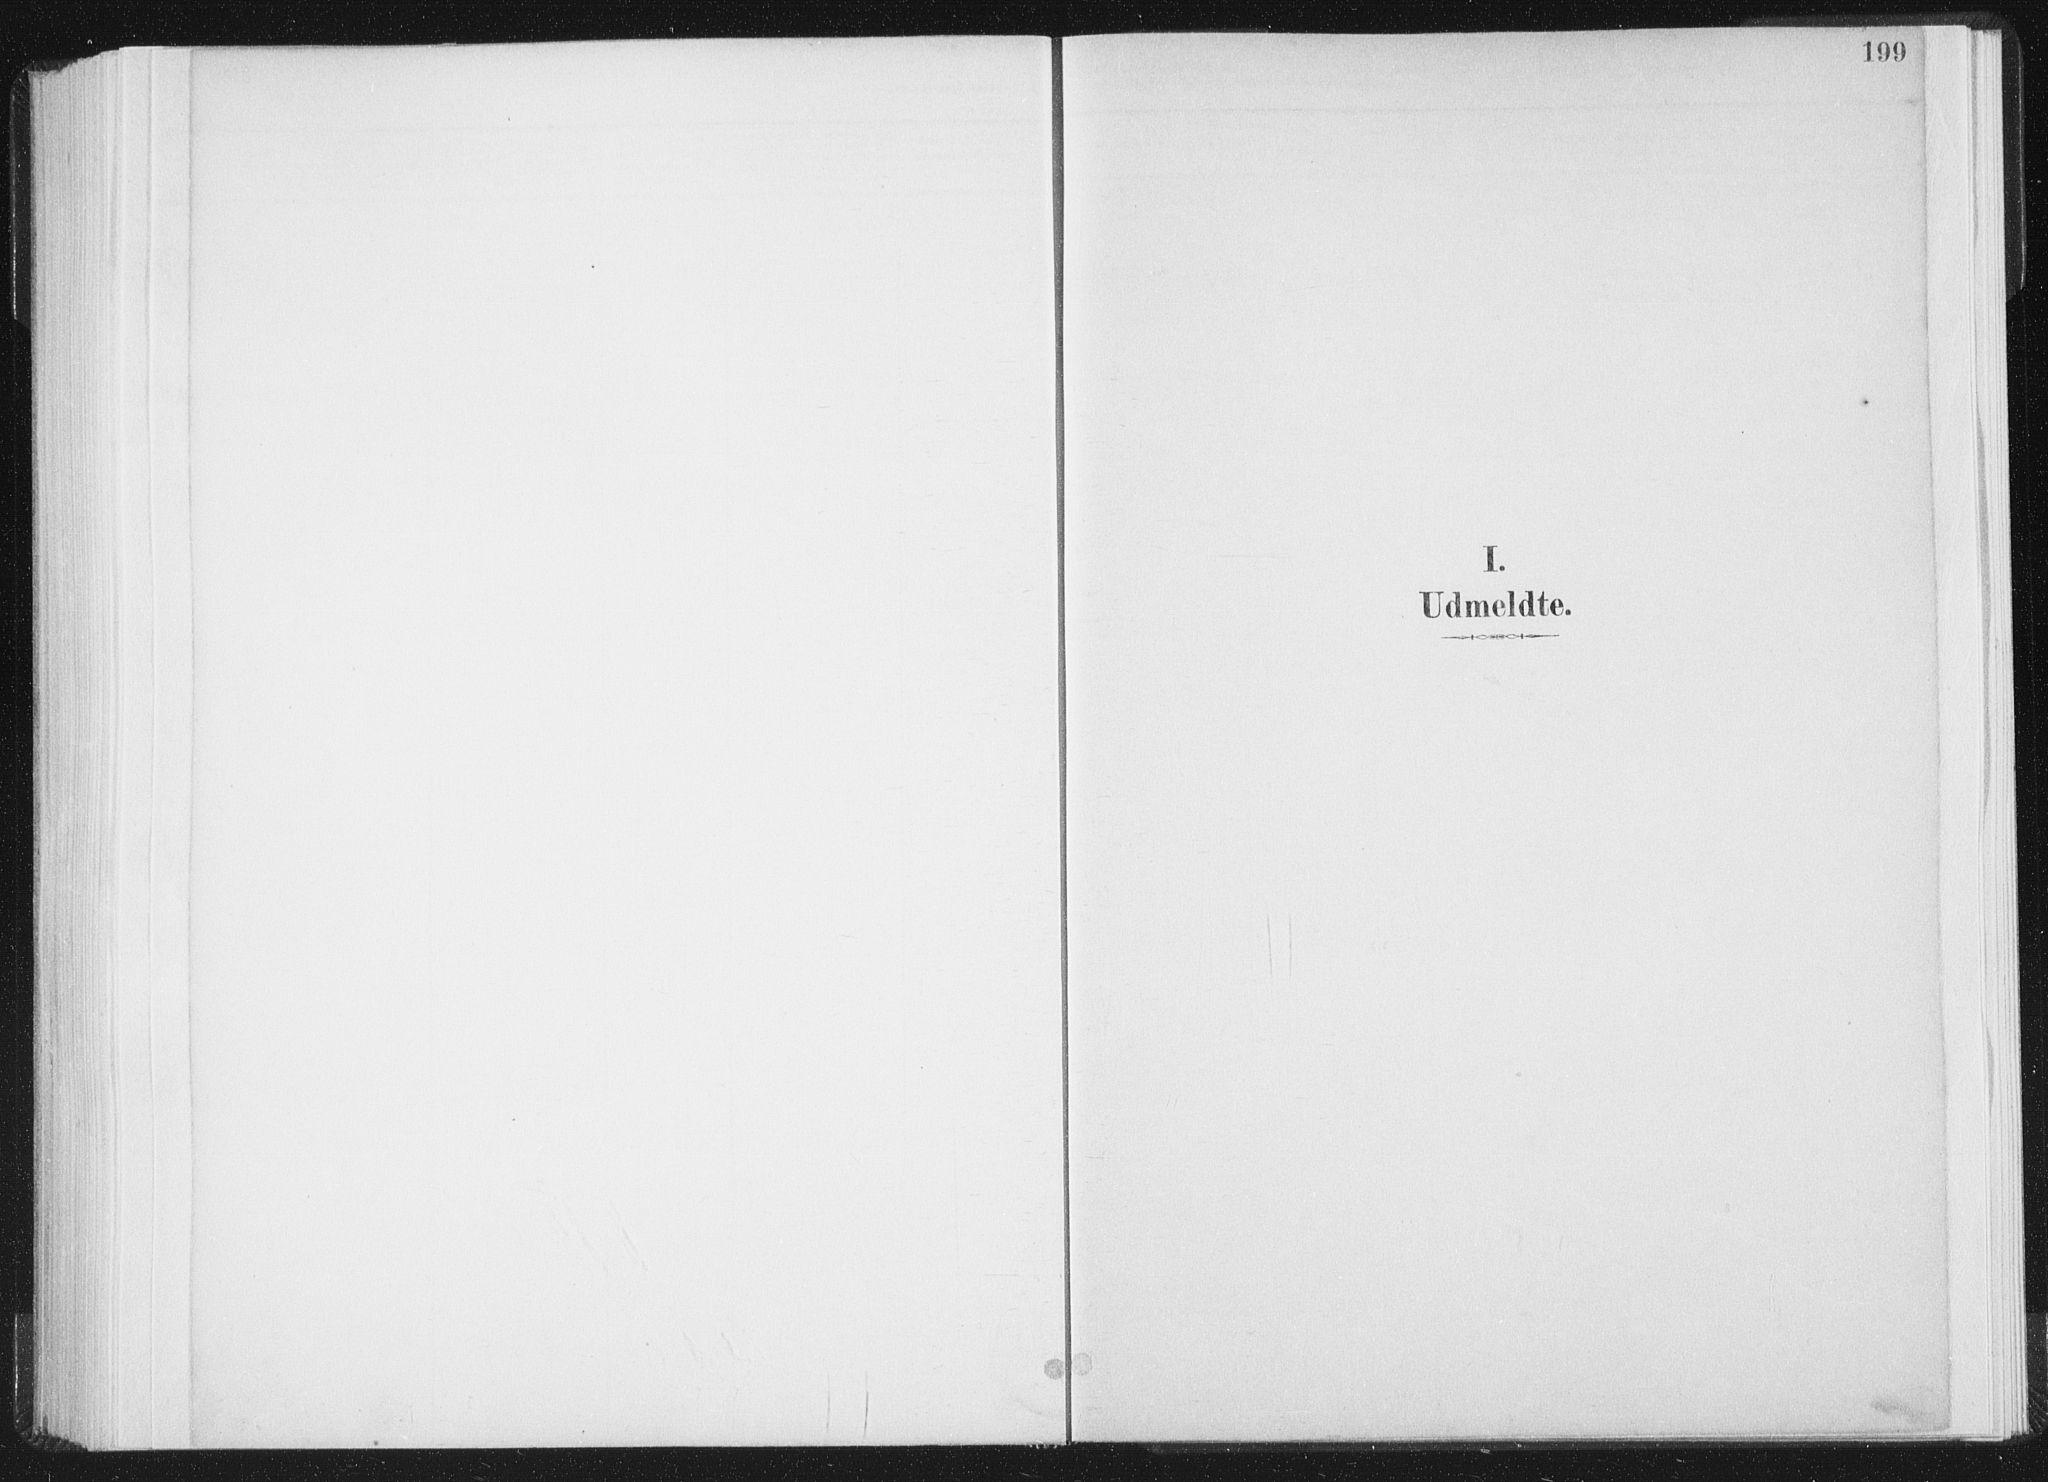 SAT, Ministerialprotokoller, klokkerbøker og fødselsregistre - Nord-Trøndelag, 771/L0597: Ministerialbok nr. 771A04, 1885-1910, s. 199